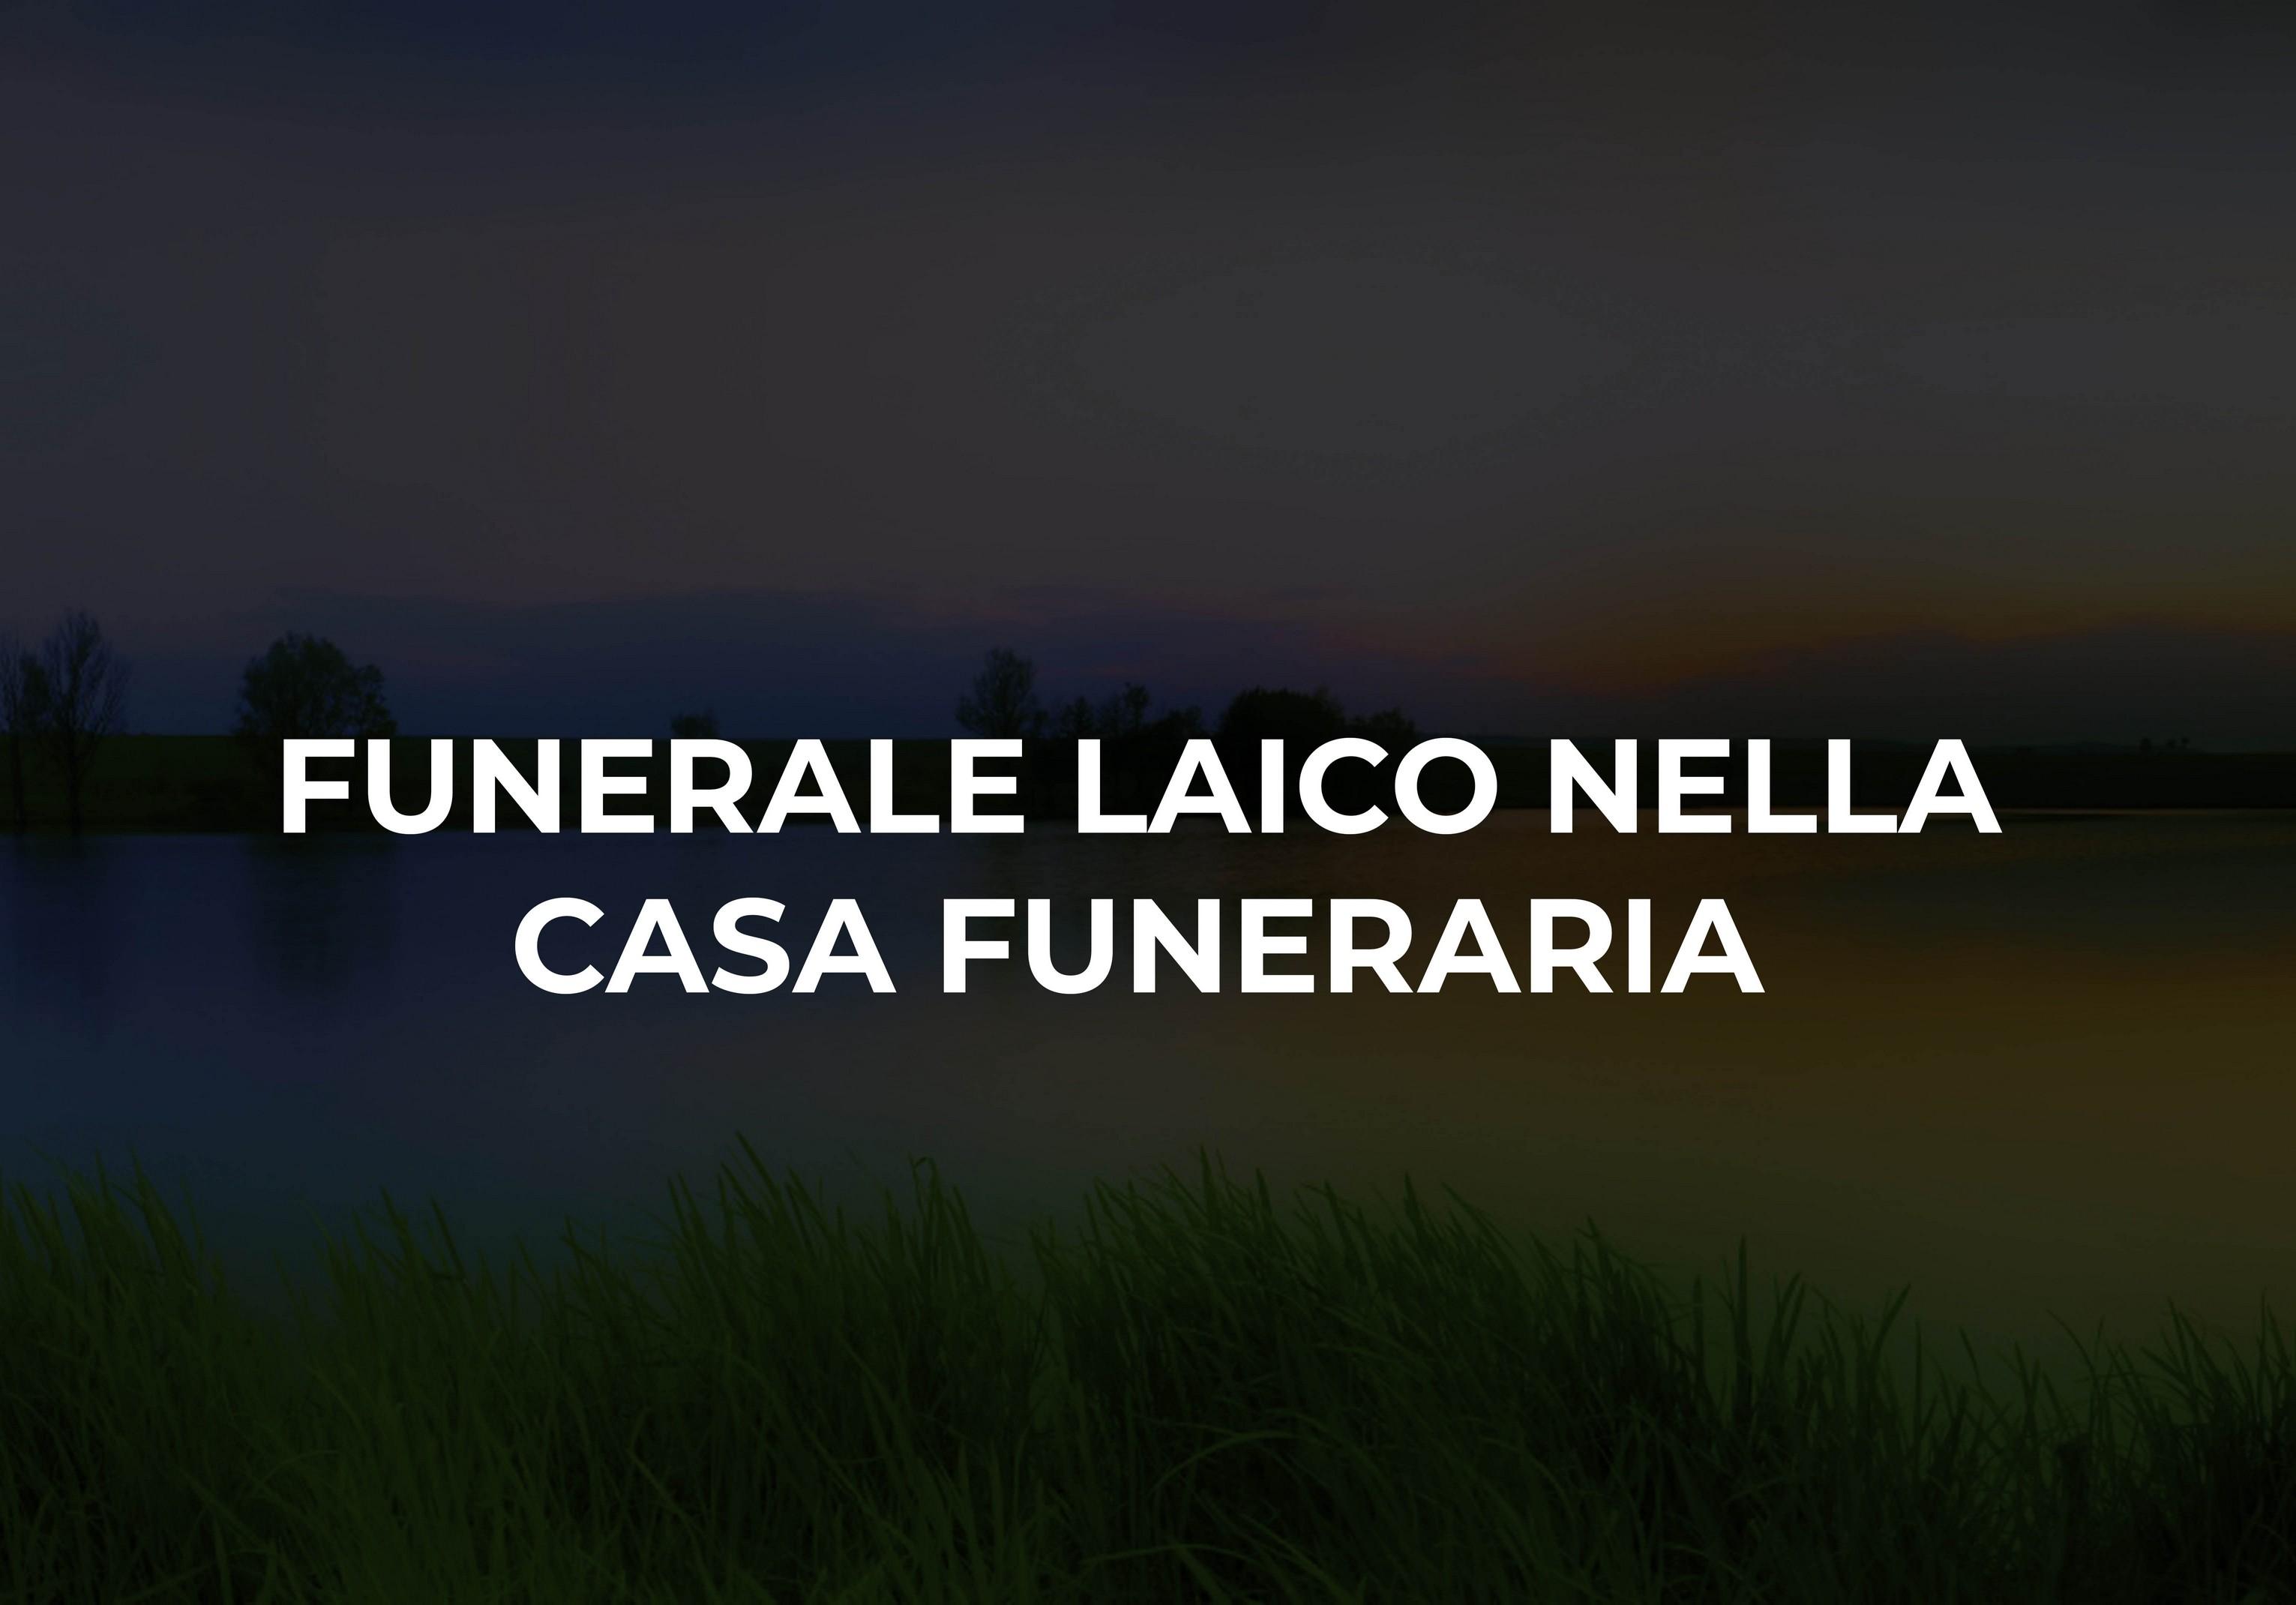 funerale laico nella casa fueraria